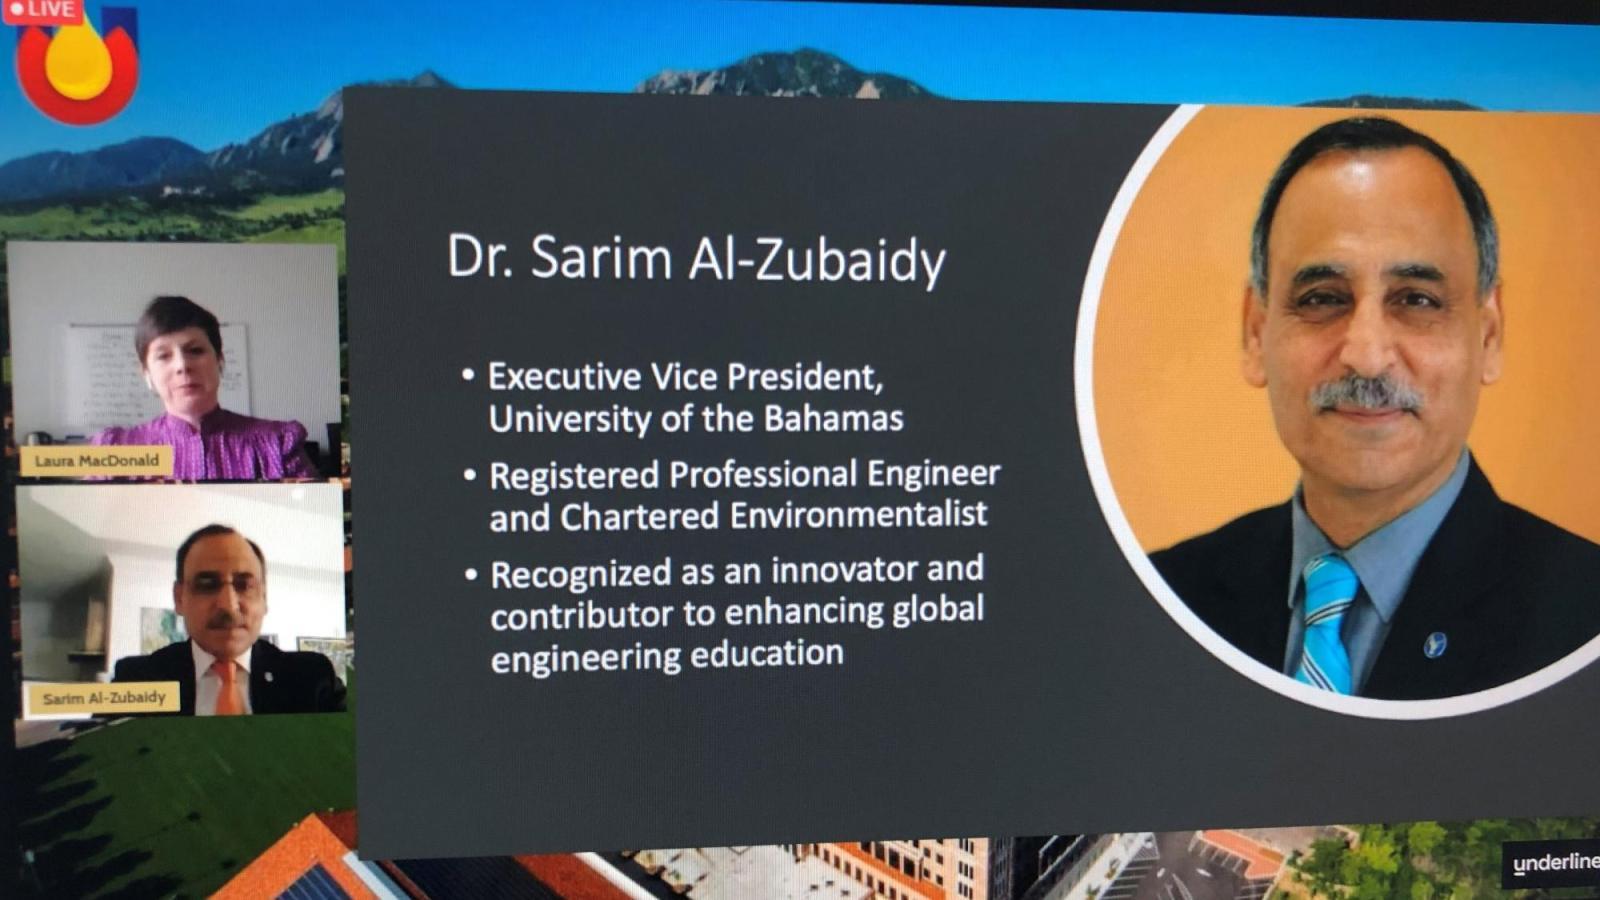 Dr. Sarim Al-Zubaidy is awarded the Global Engineering Humanitarian Award